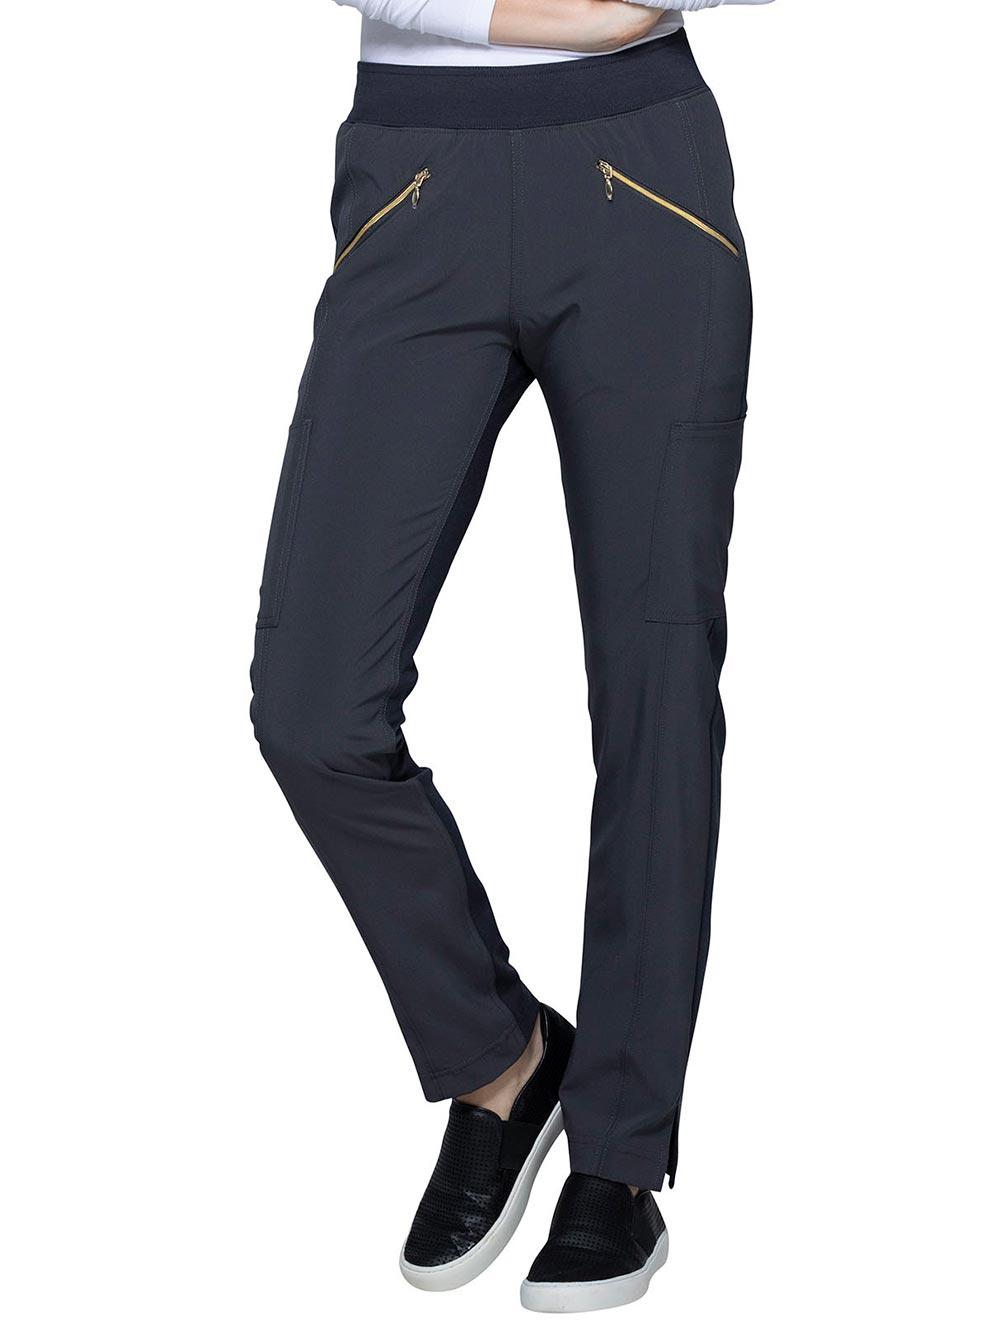 Mid Rise Skinny Leg Pant